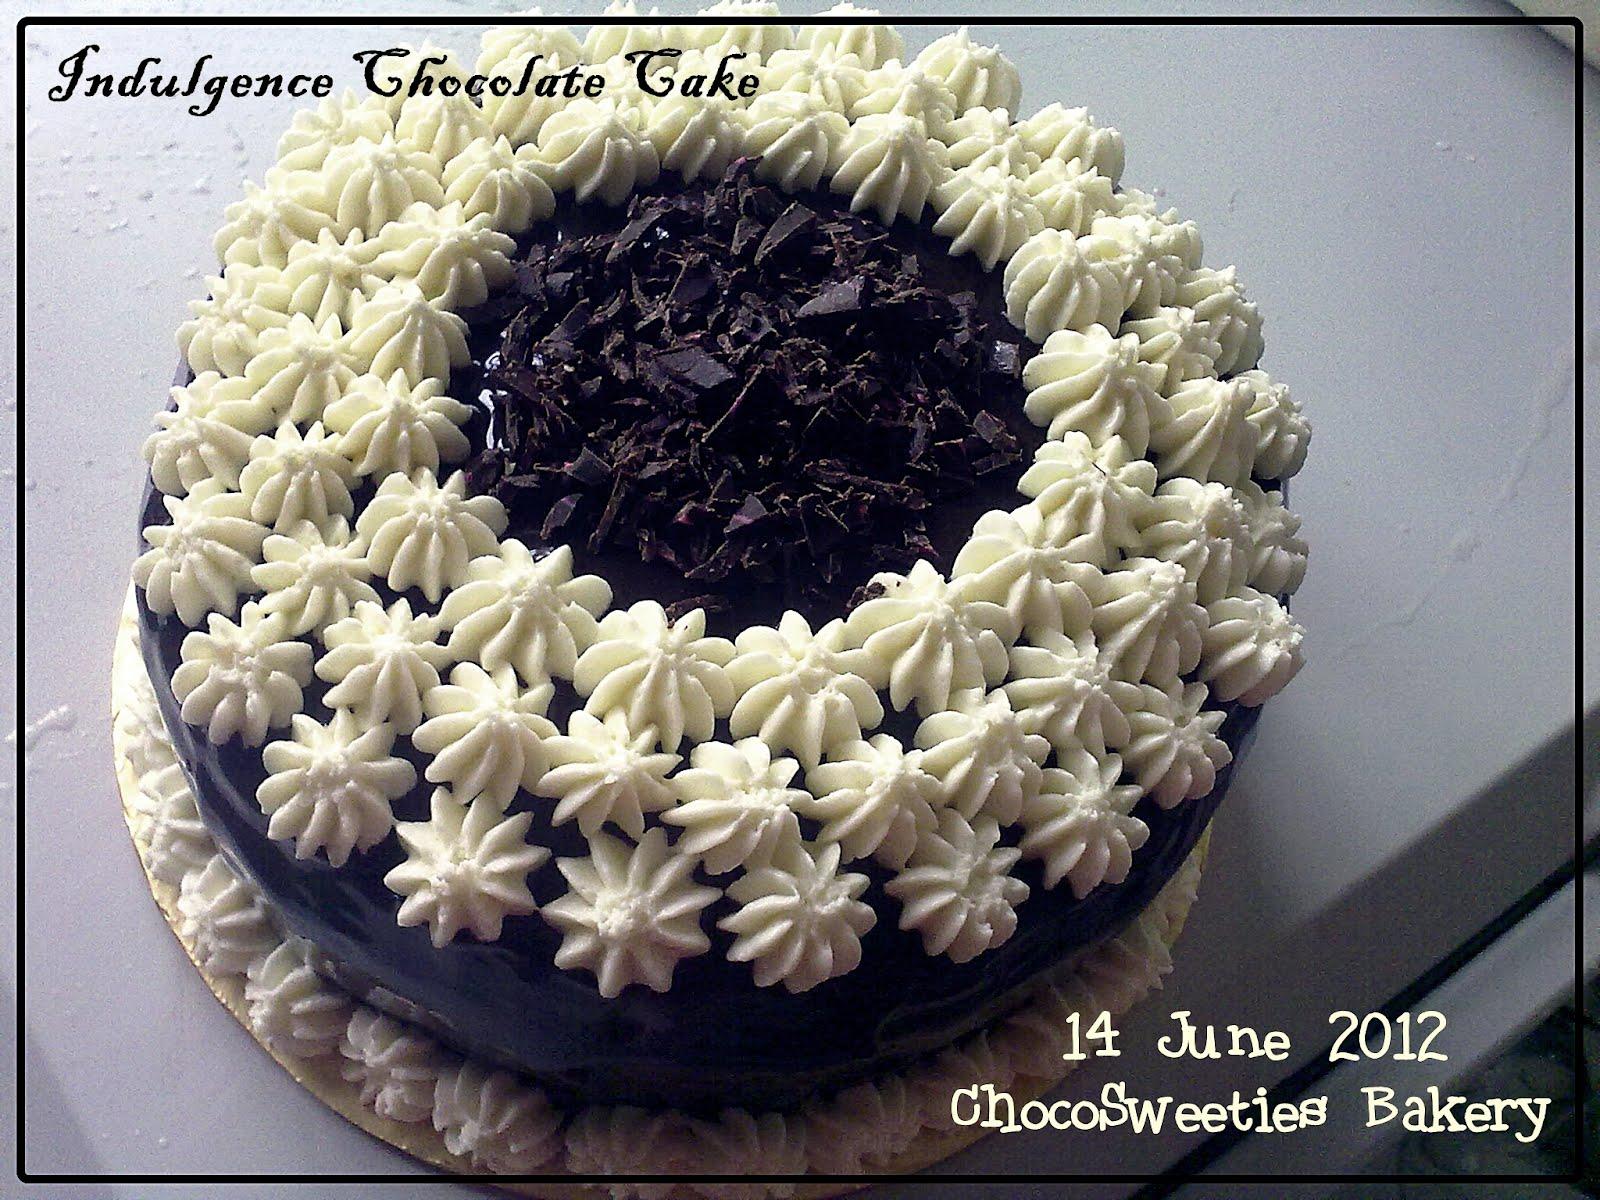 Indulgence Chocolate Cakes